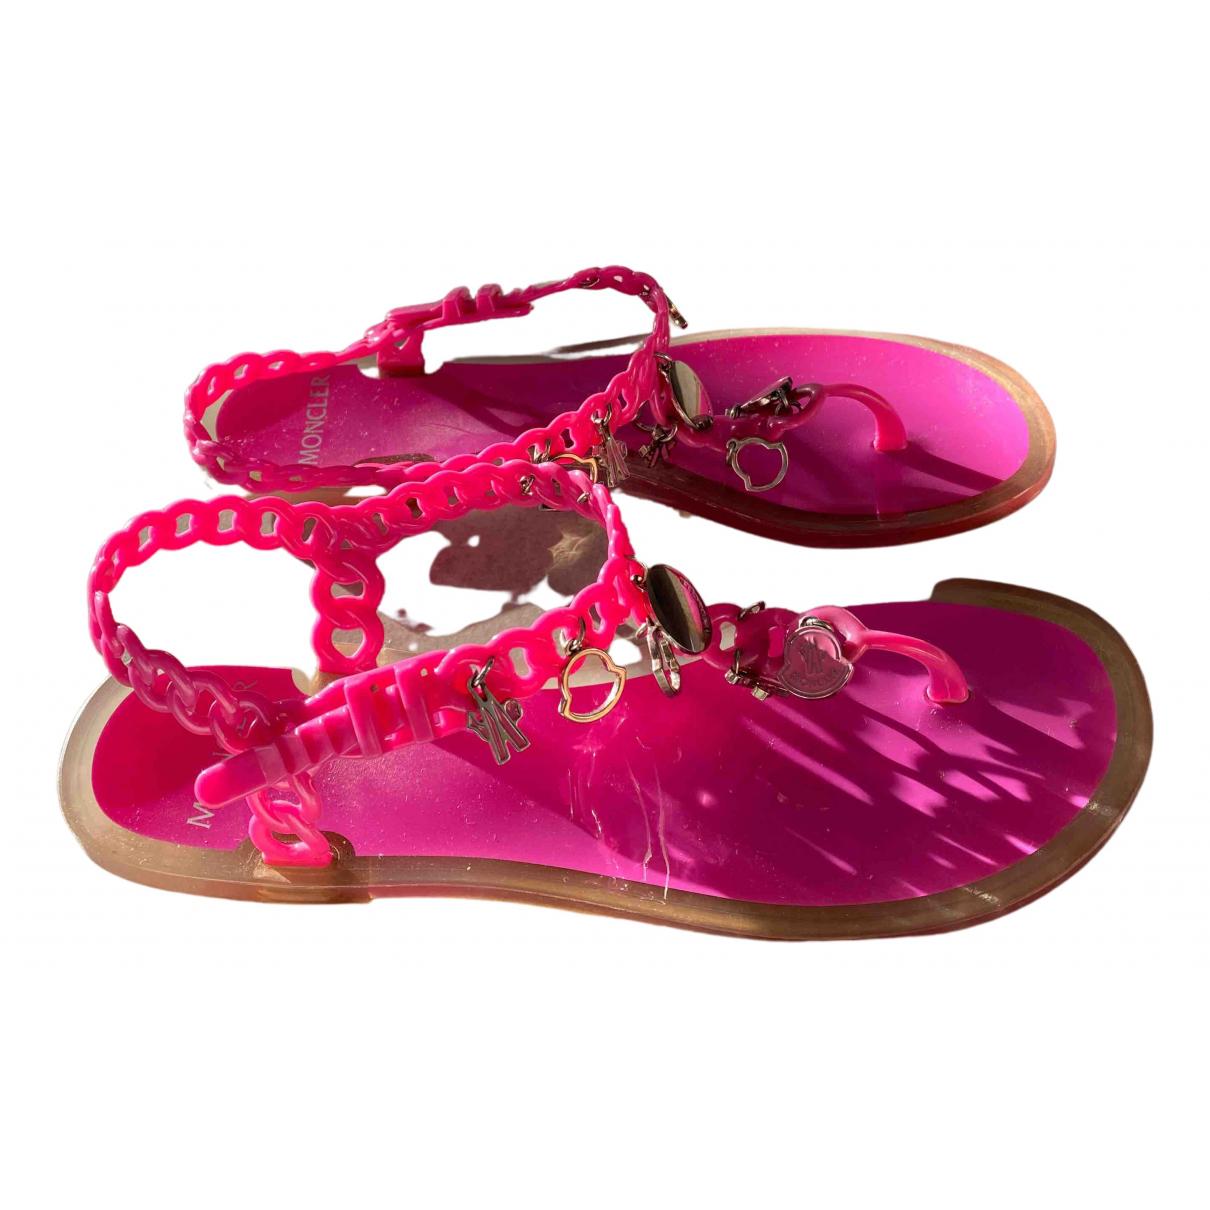 Moncler N Pink Sandals for Women 38 EU